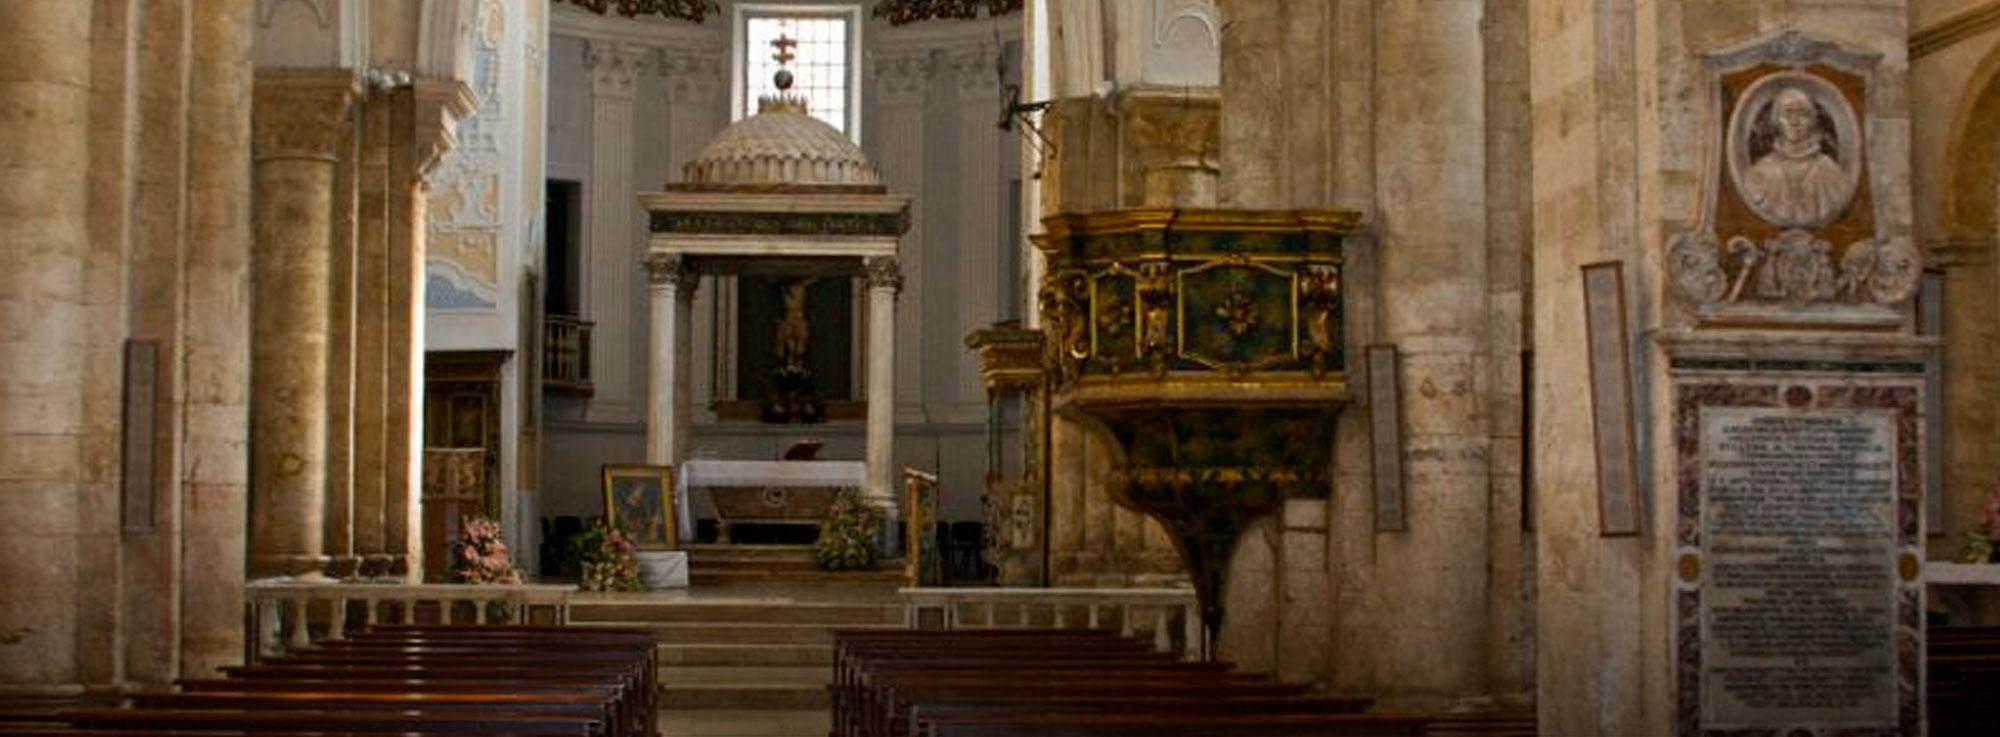 Rutigliano: Corteo storico di San Nicola